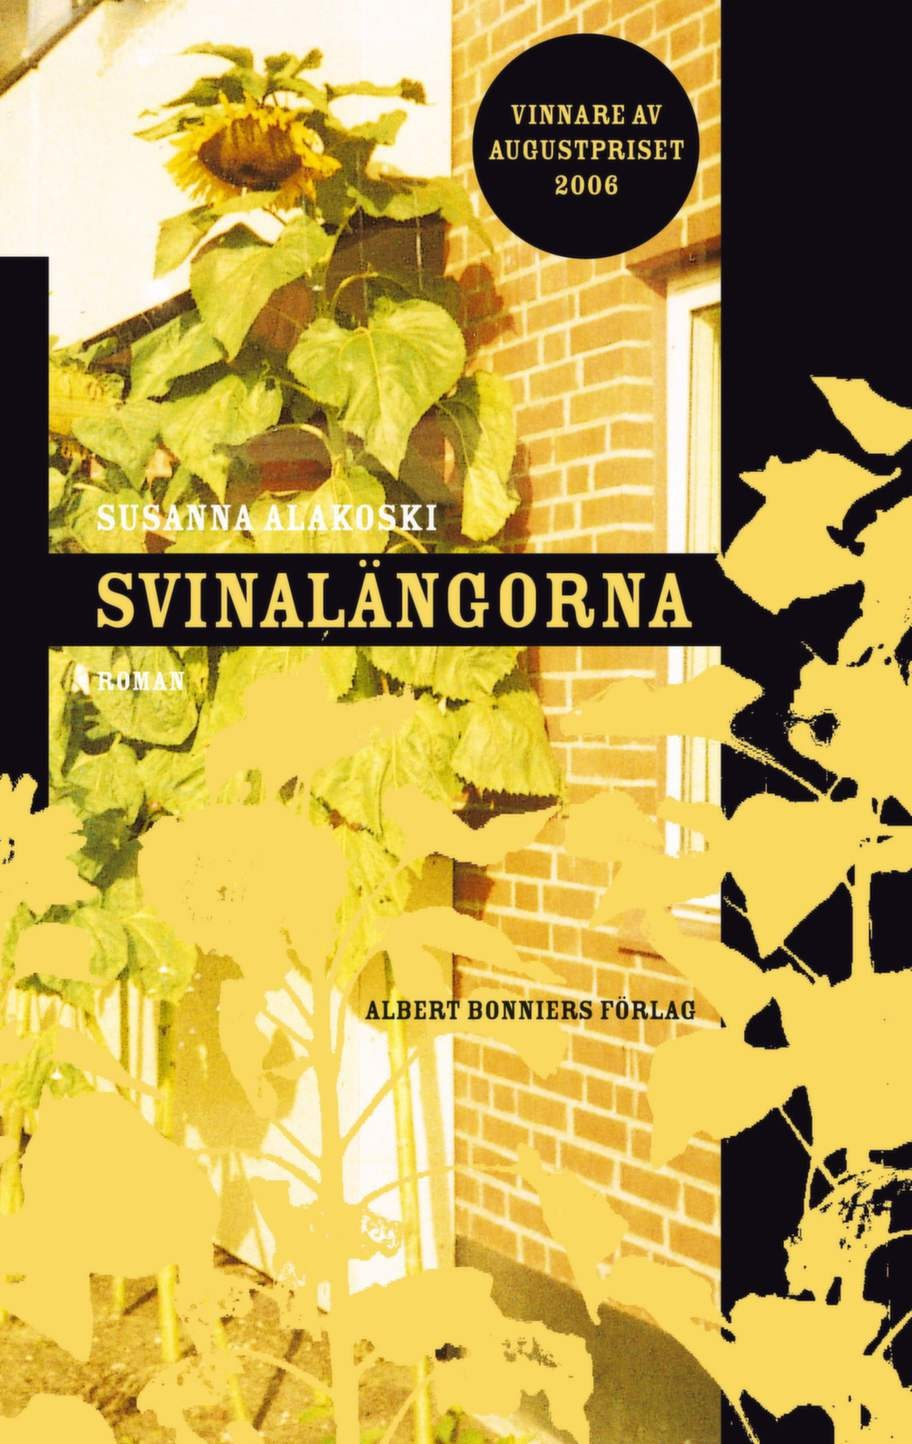 Svinalängorna av Susanna Alakoski, Albert Bonniers Förlag<br>Augustprisvinnande roman om en uppväxt som präglas av föräldrarnas alkoholism i 1970-talets Sverige. En berättelse som blir svår att släppa och som ger perspektiv på många av vardagens små förtretligheter, och som visar att det går att behålla livsgnistan.